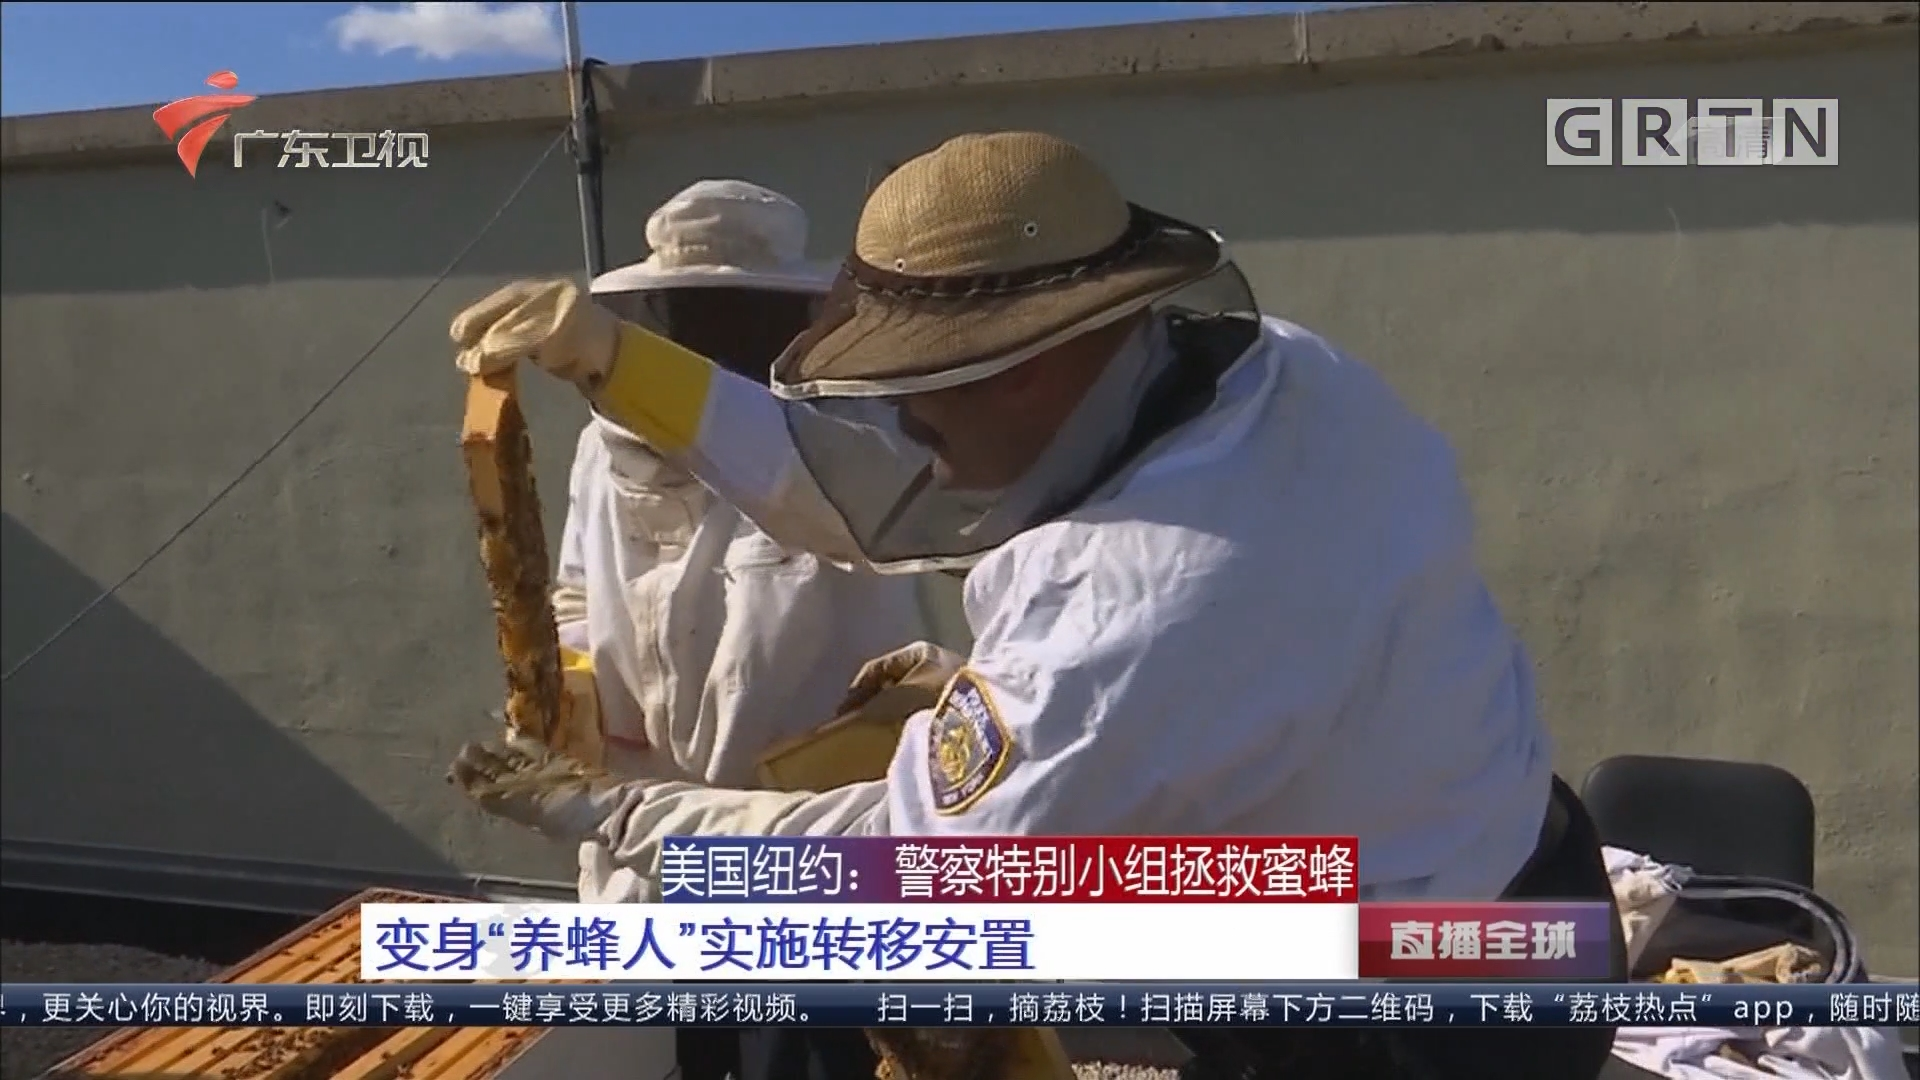 """美国纽约:警察特别小组拯救蜜蜂 变身""""养蜂人""""实施转移安置"""